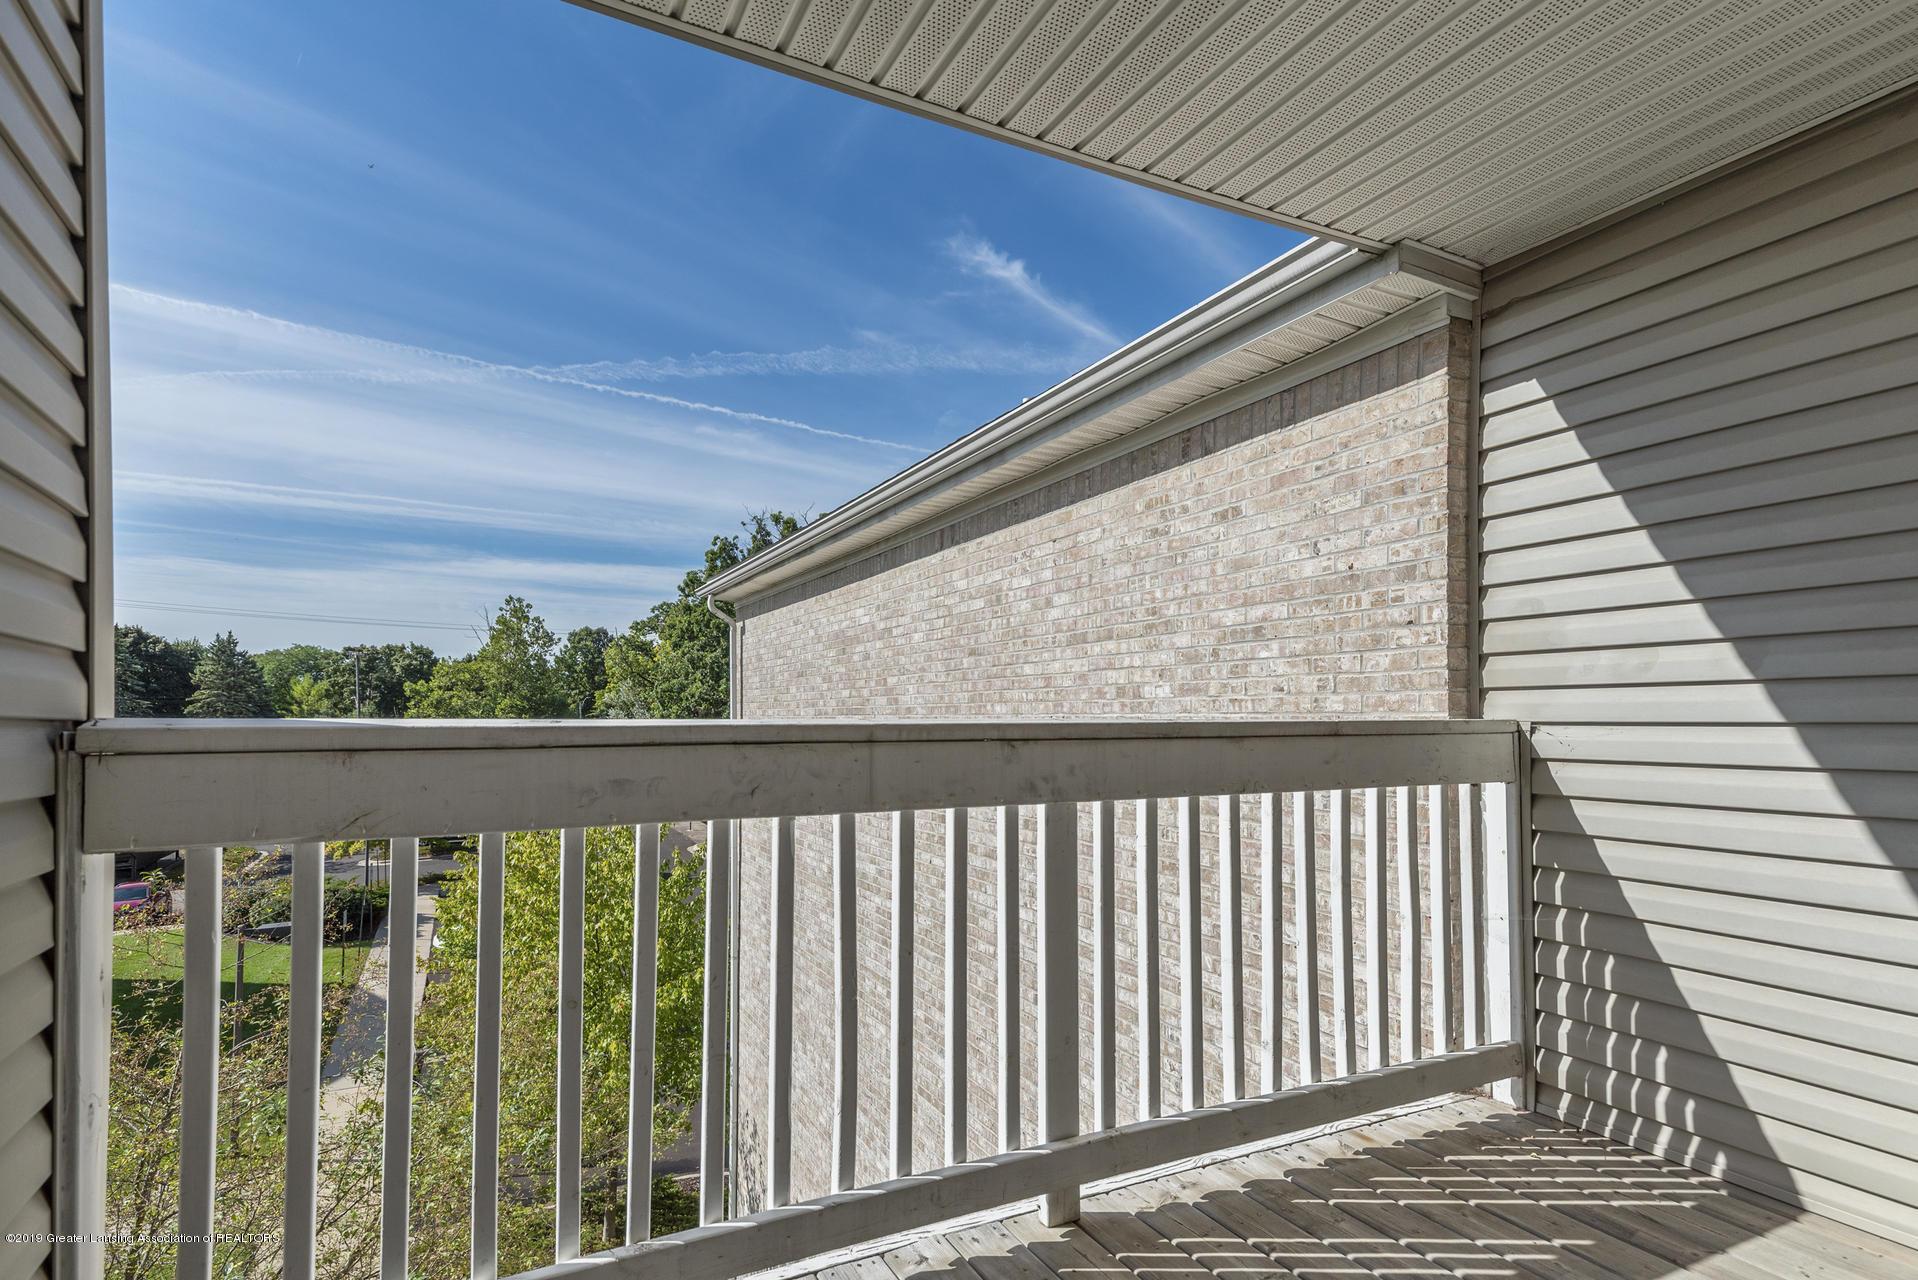 338 W Saginaw St UNIT 44 - 019-photo-balcony-7483706 - 20